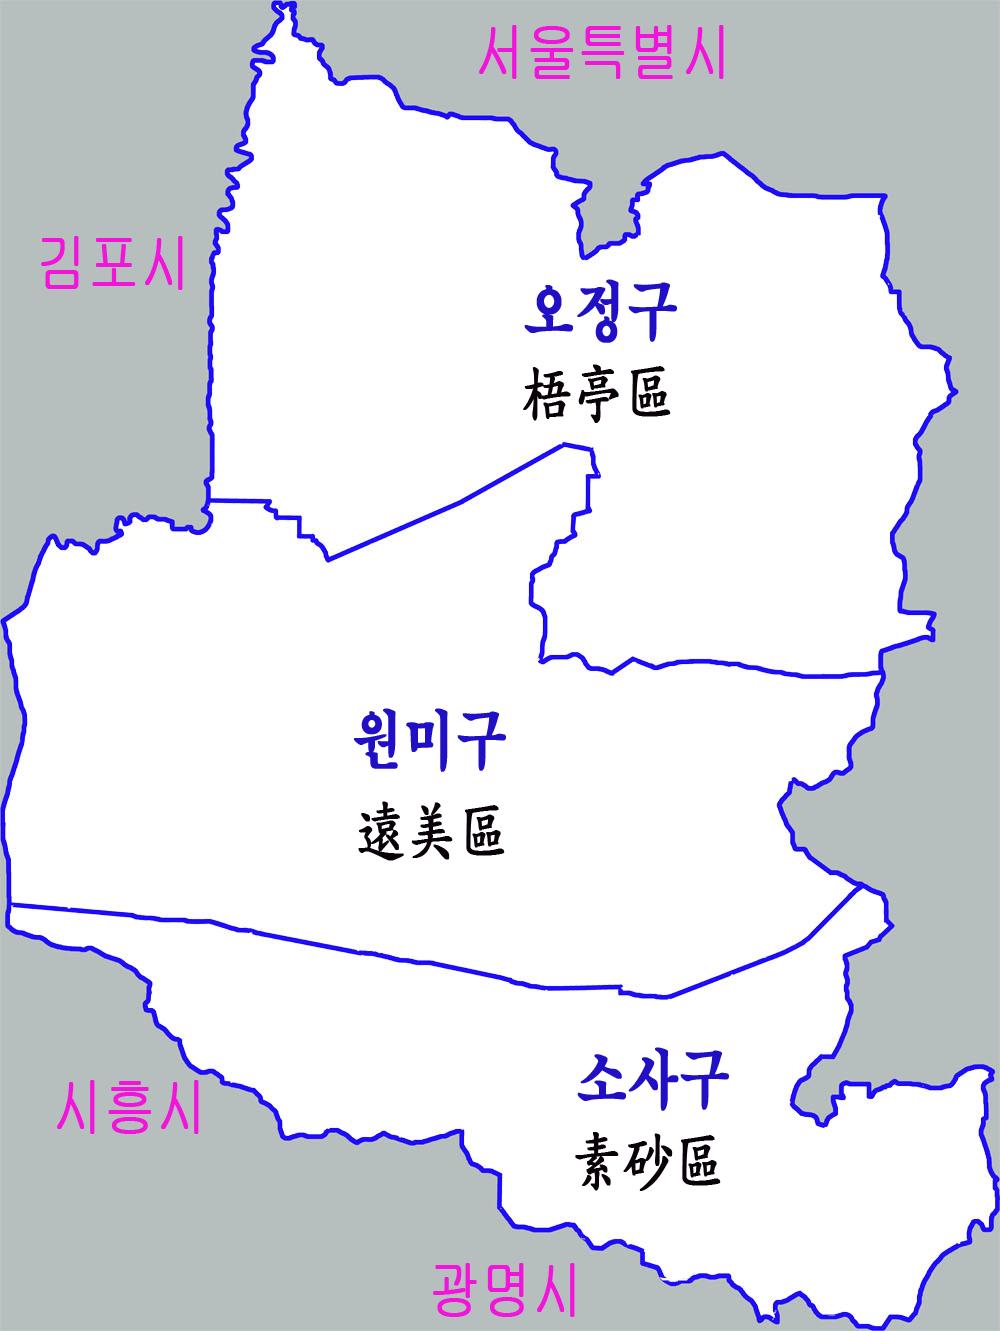 FileBucheonoldmappng Wikimedia Commons